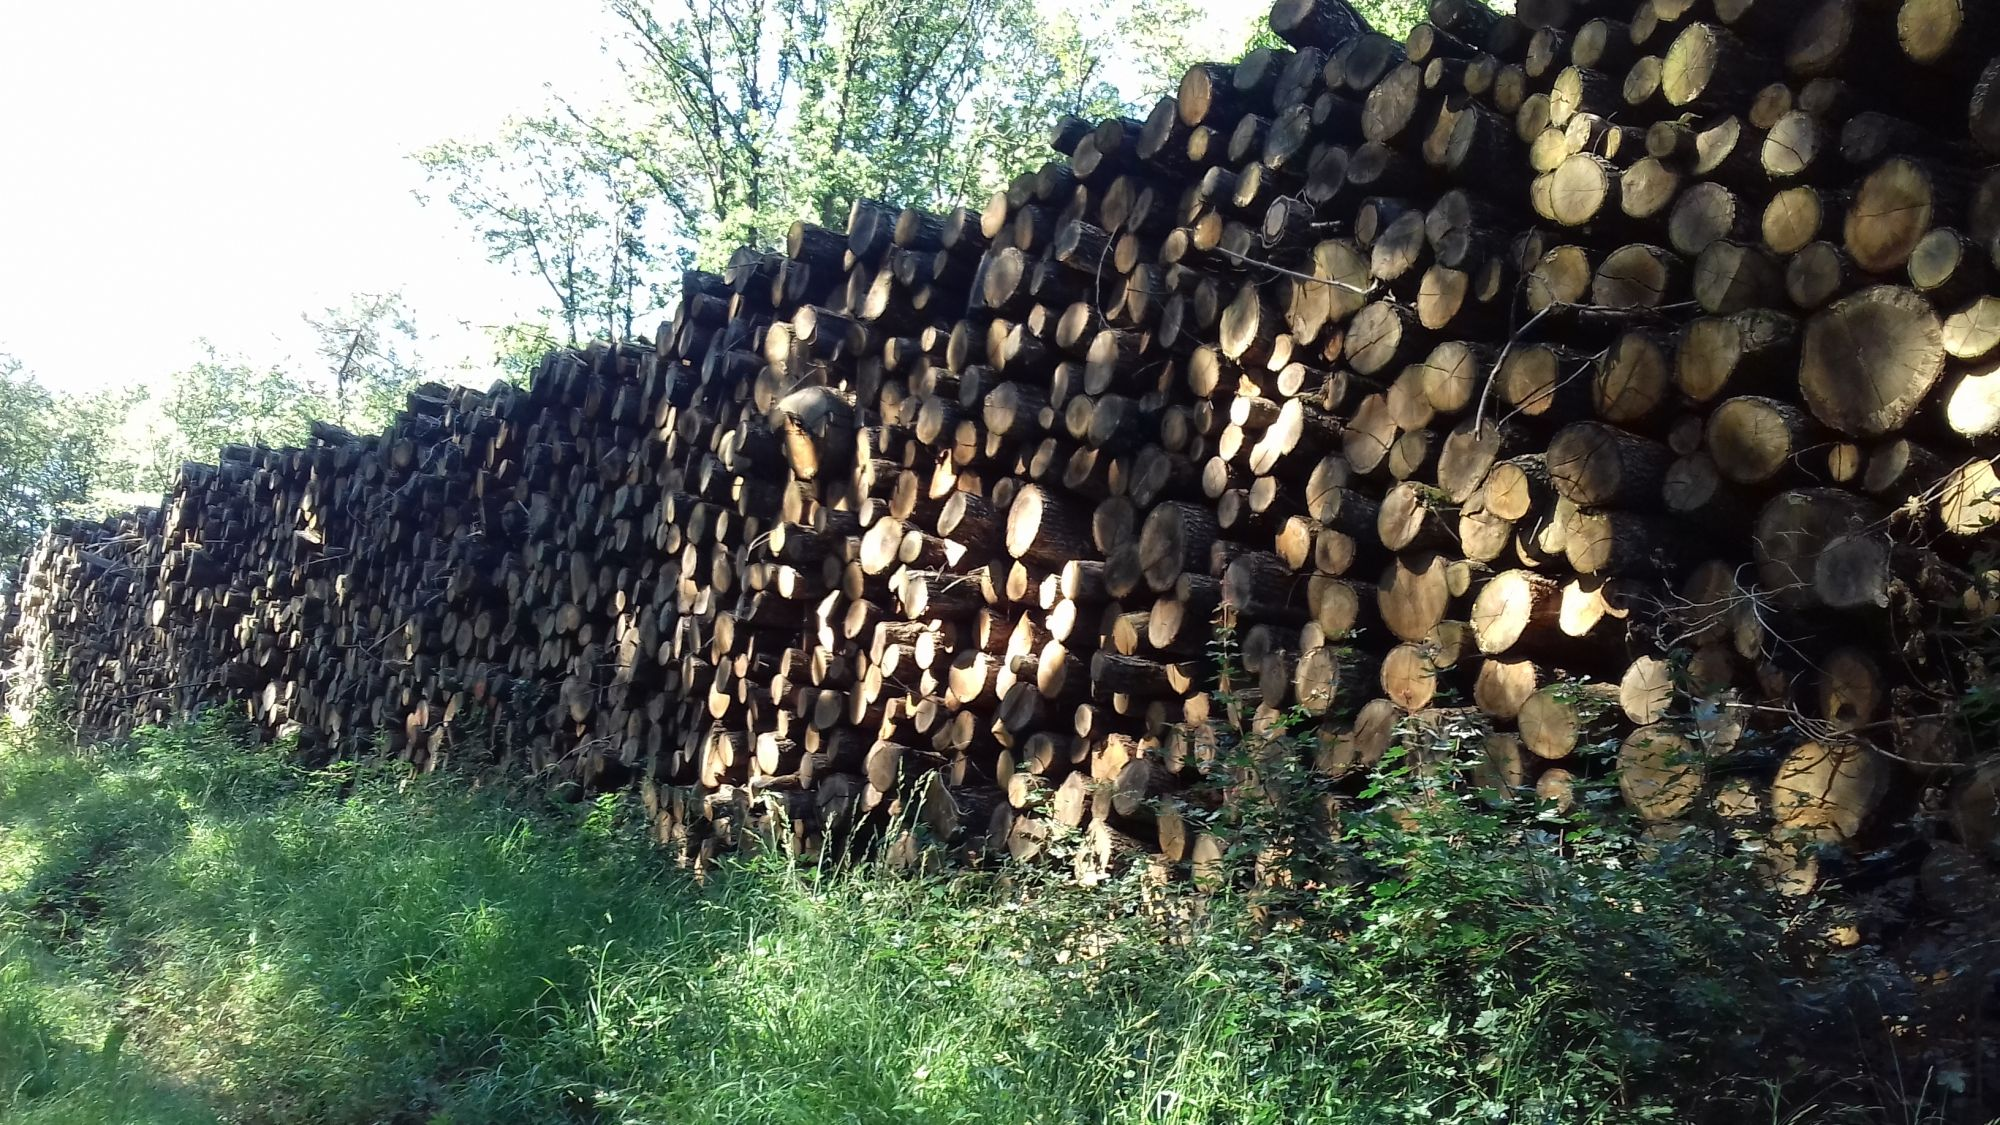 bois de chauffage 10site internet pour revendeur de combustible bois dans l'Aube